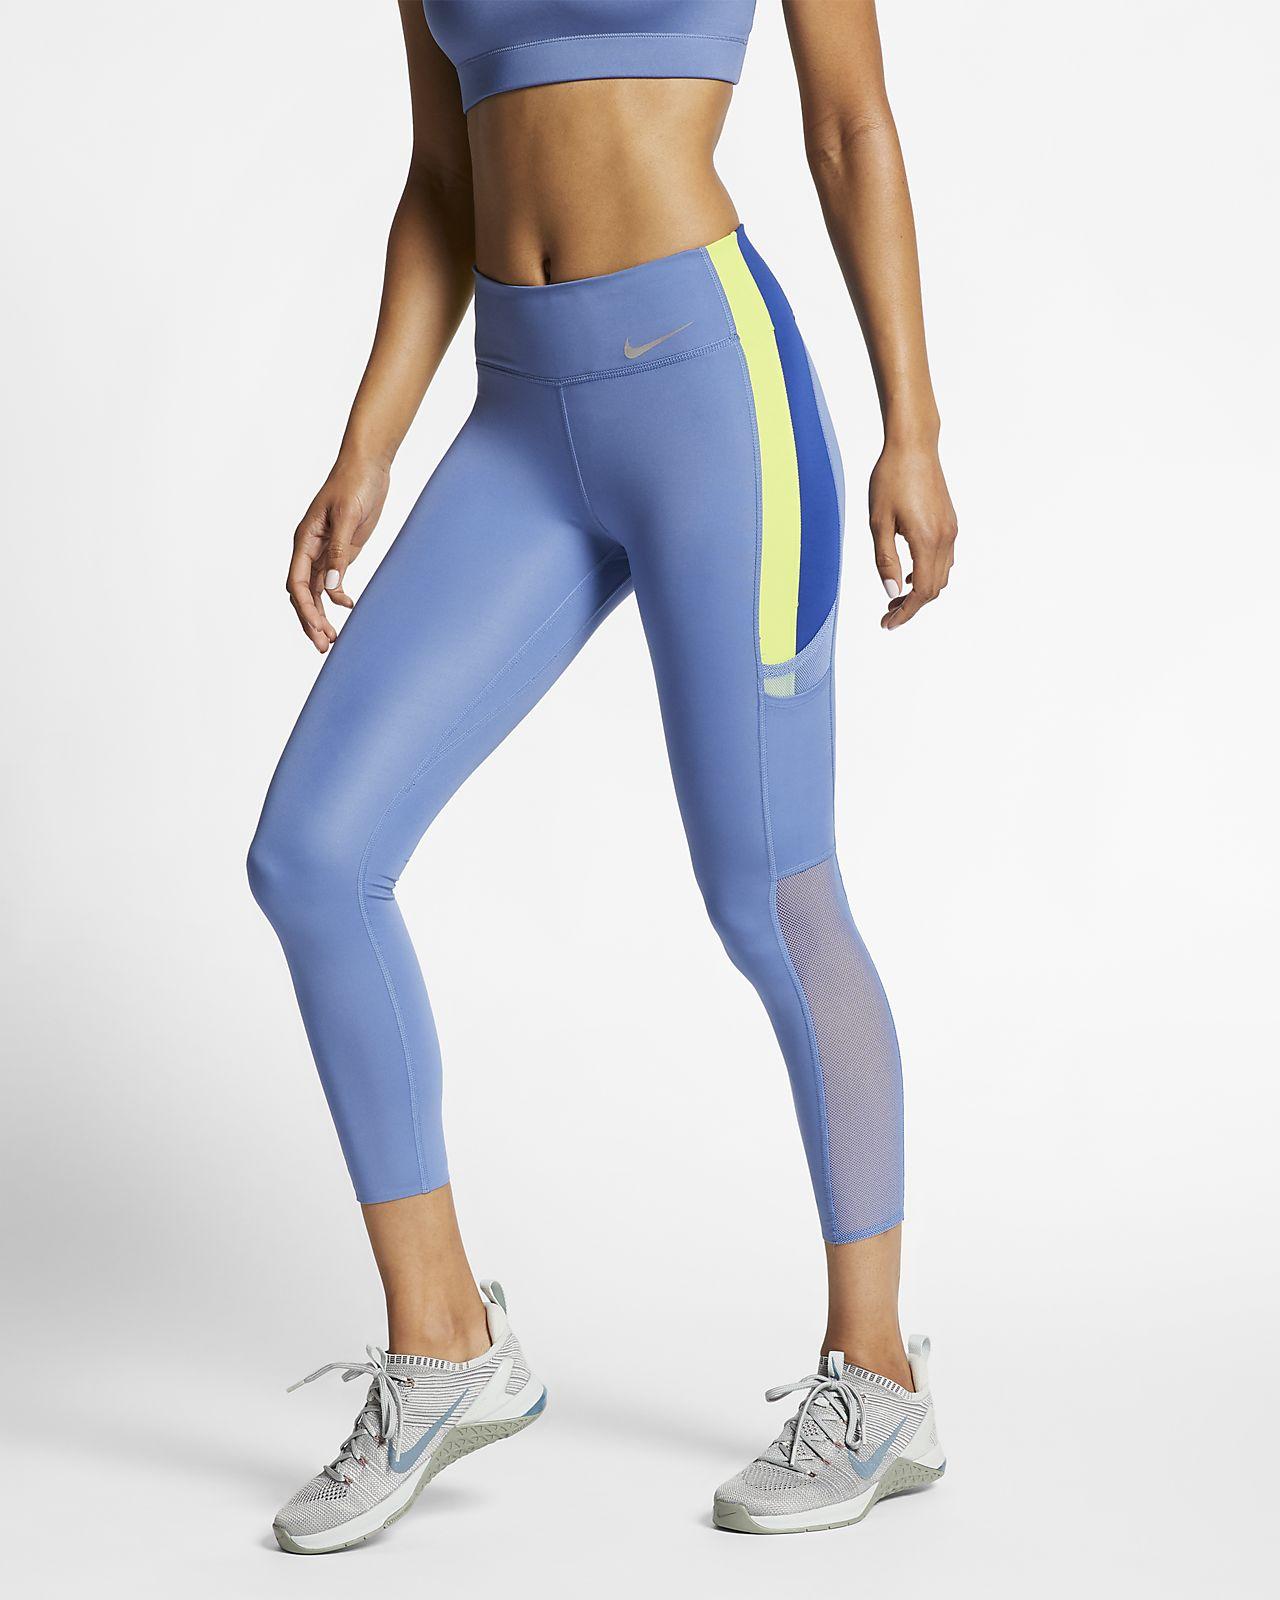 Dámské 7/8 legíny Nike One Luxe